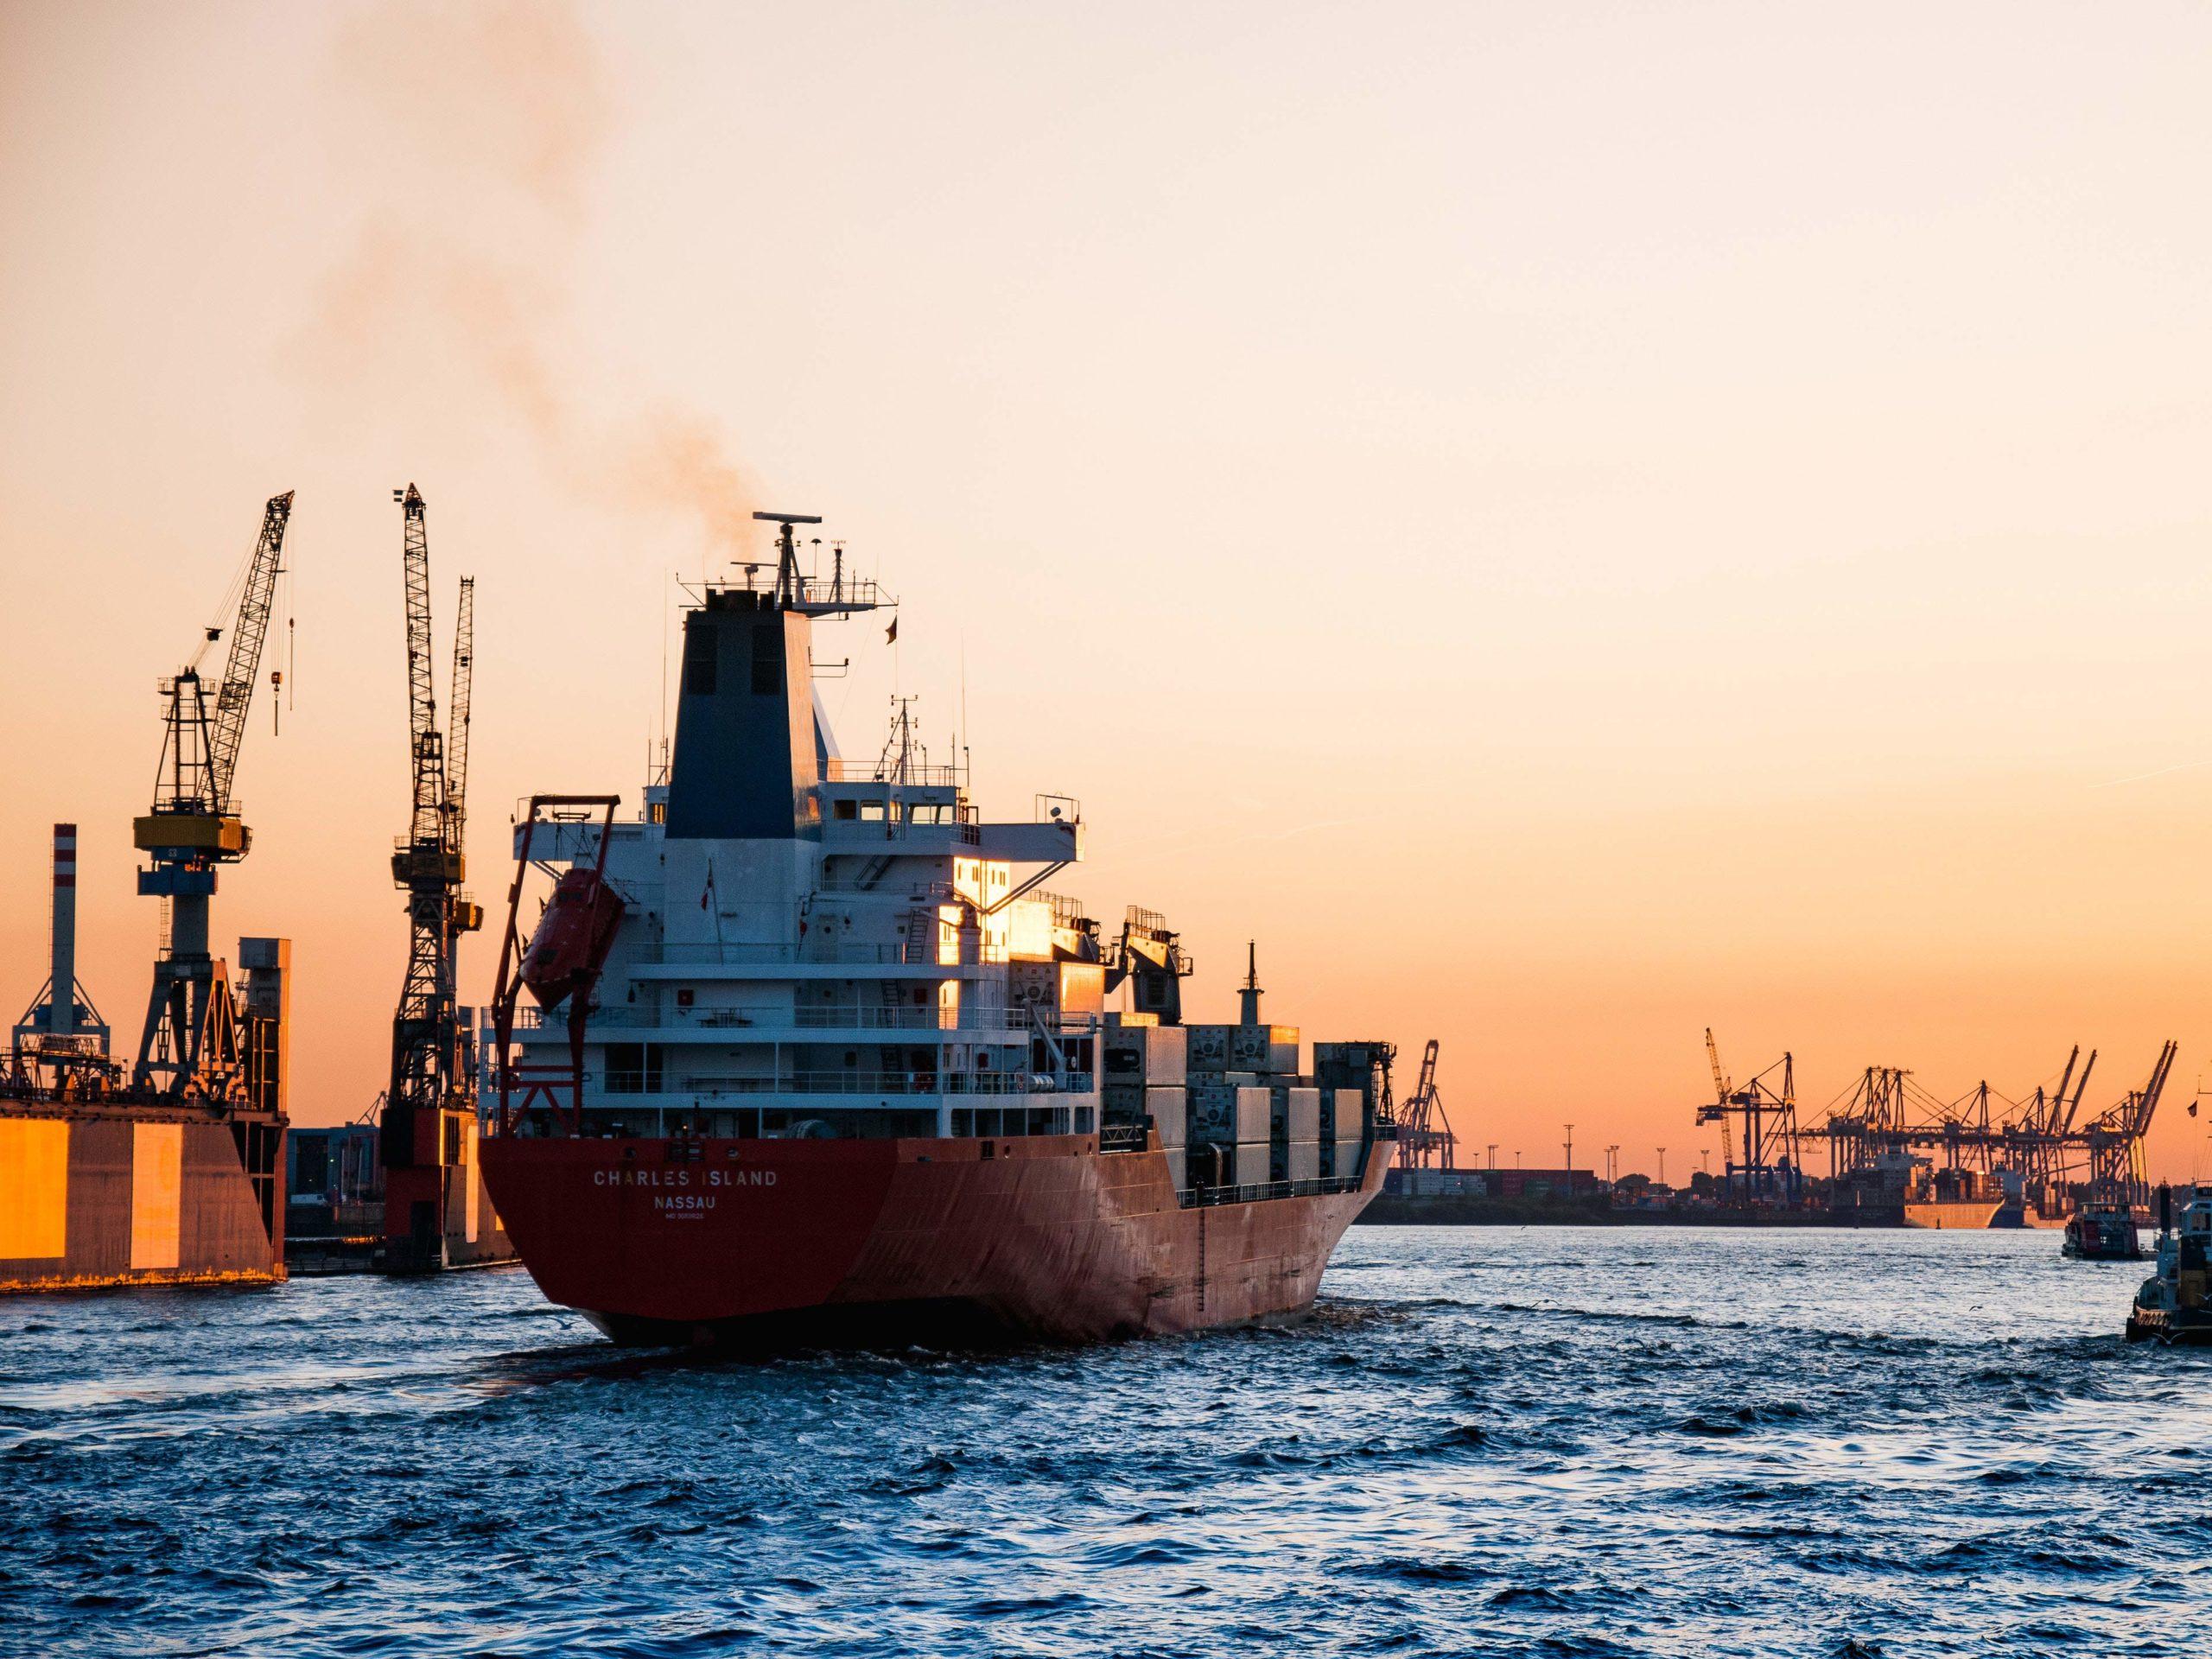 cargo ship entering freeport